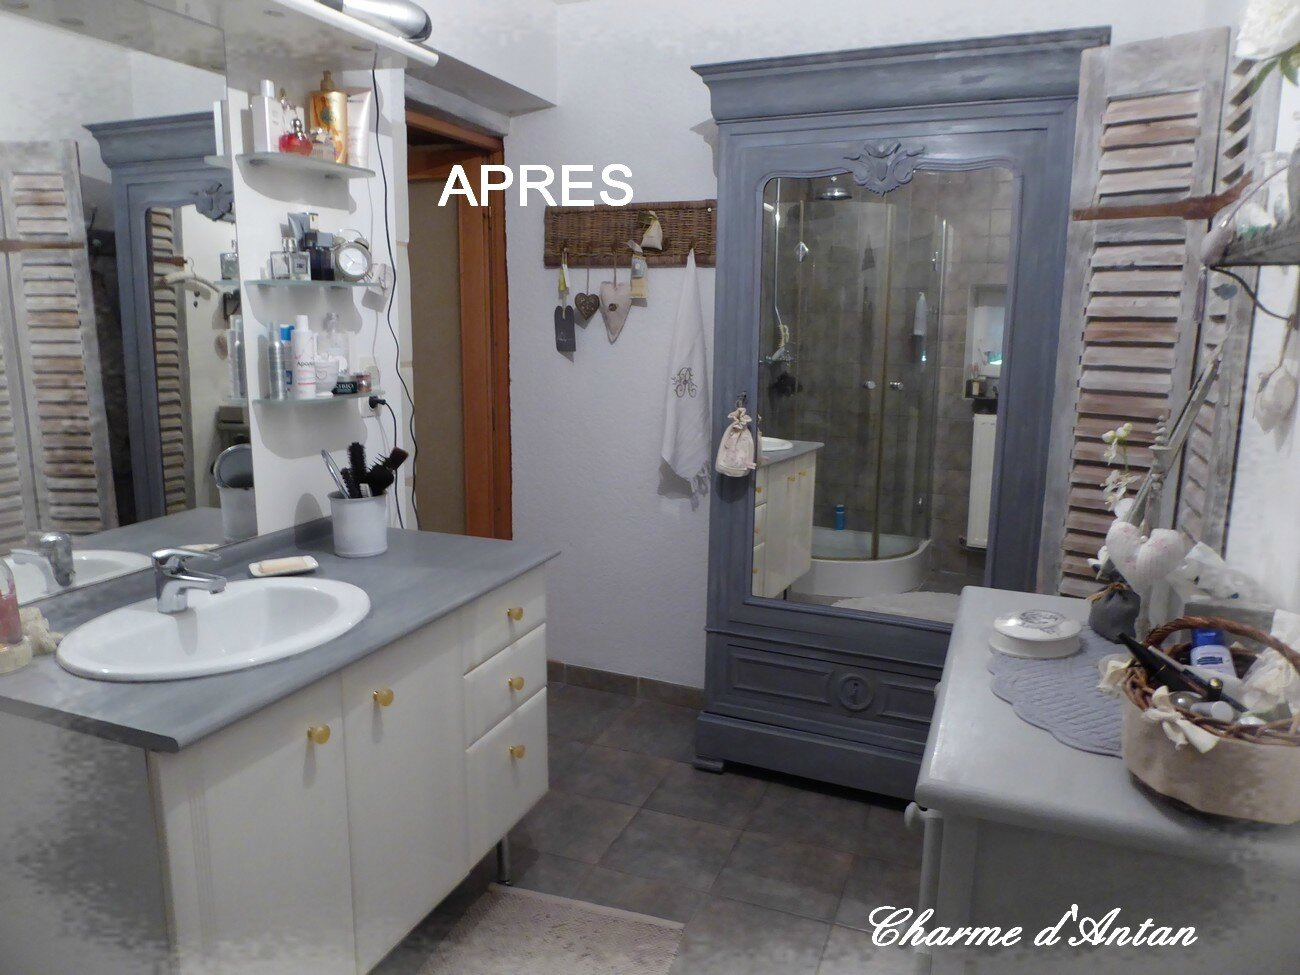 salle de bain relook e avec peintures annie sloan photo de peinture annie sloan charme d 39 antan. Black Bedroom Furniture Sets. Home Design Ideas